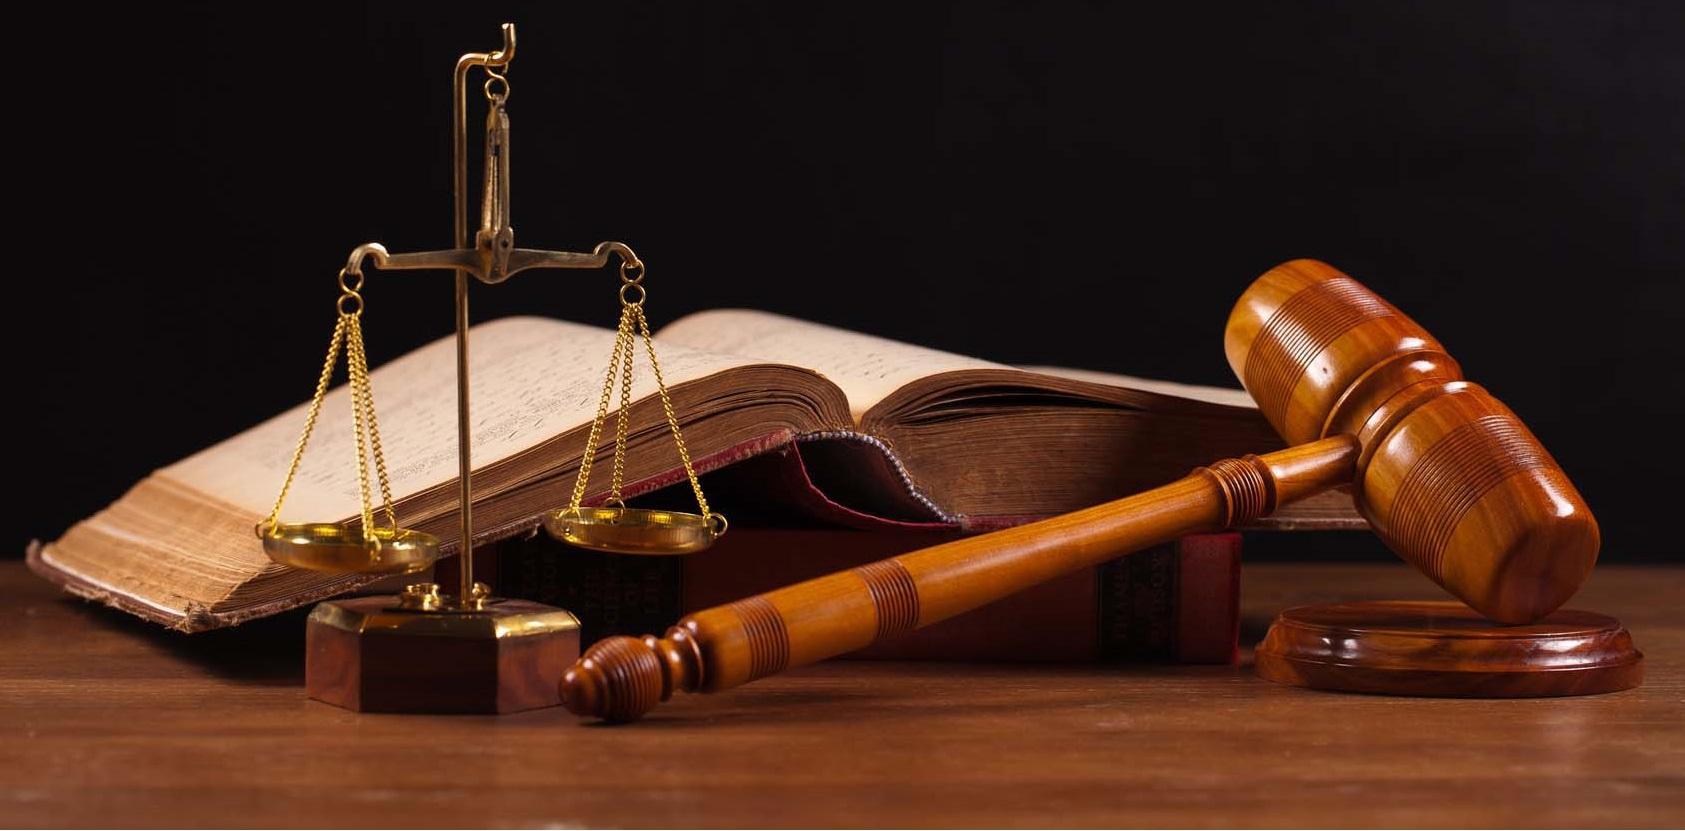 وکیل پایه یک دادگستری خانم زهرا اشرفی قهی